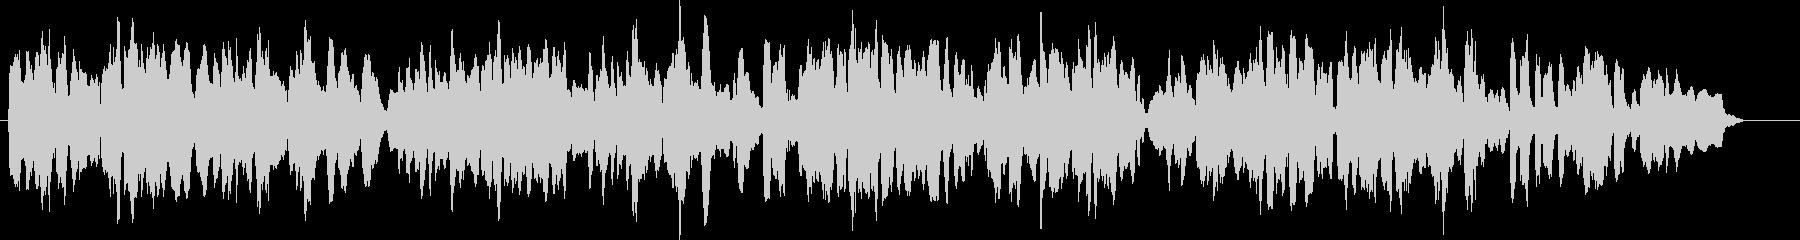 リコーダー4重奏で郷愁を誘う調べの未再生の波形